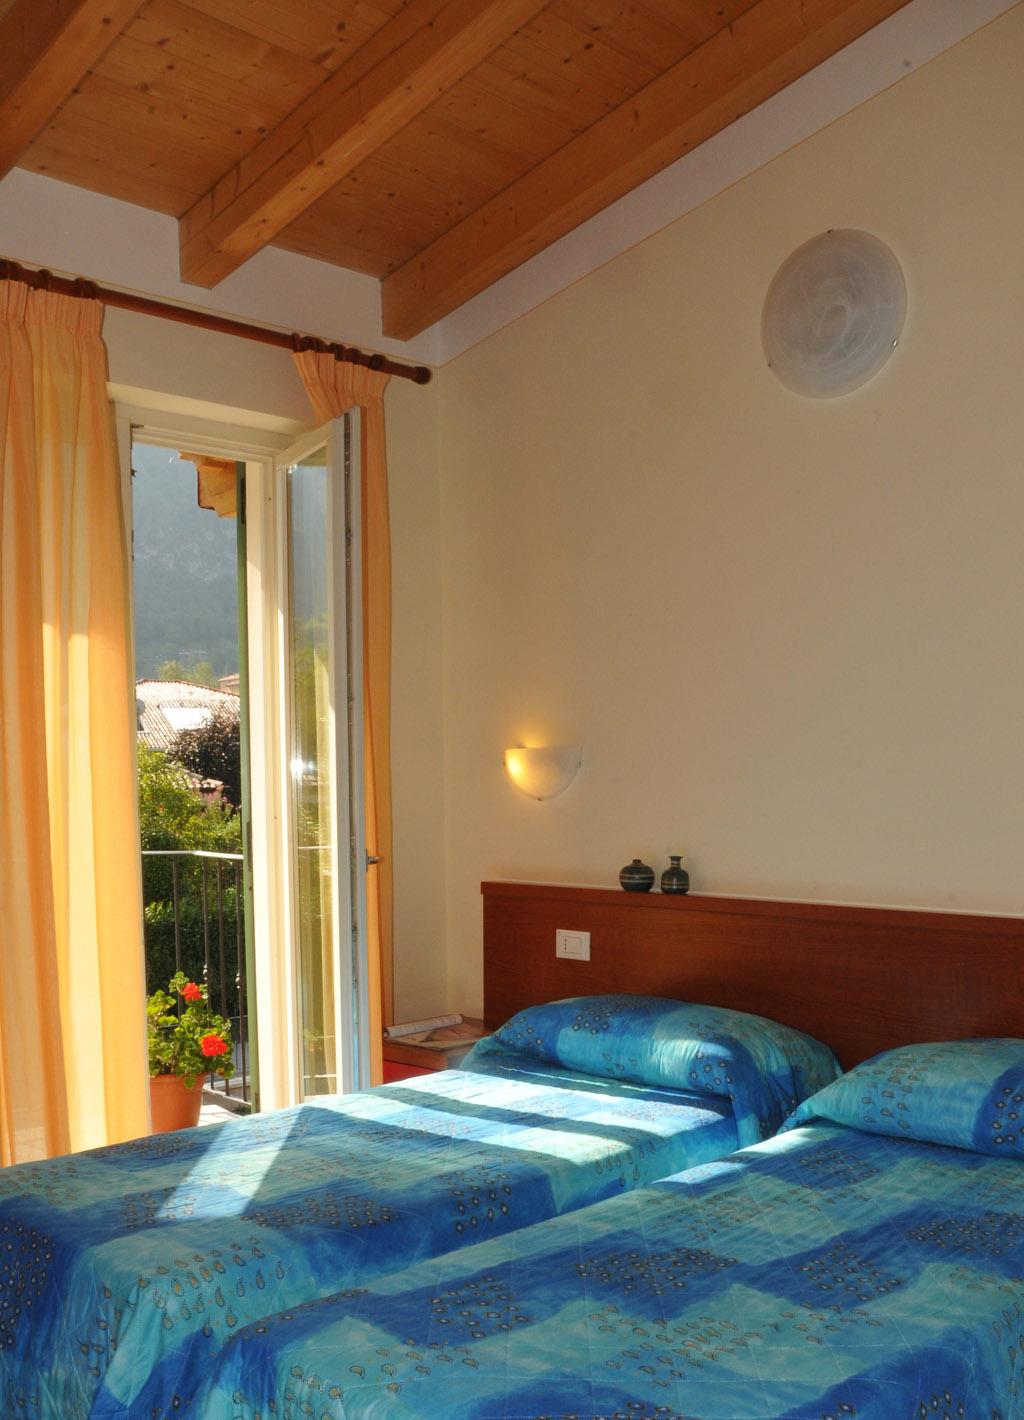 Camera con 2 letti - Residence Vico - Lago d'Idro